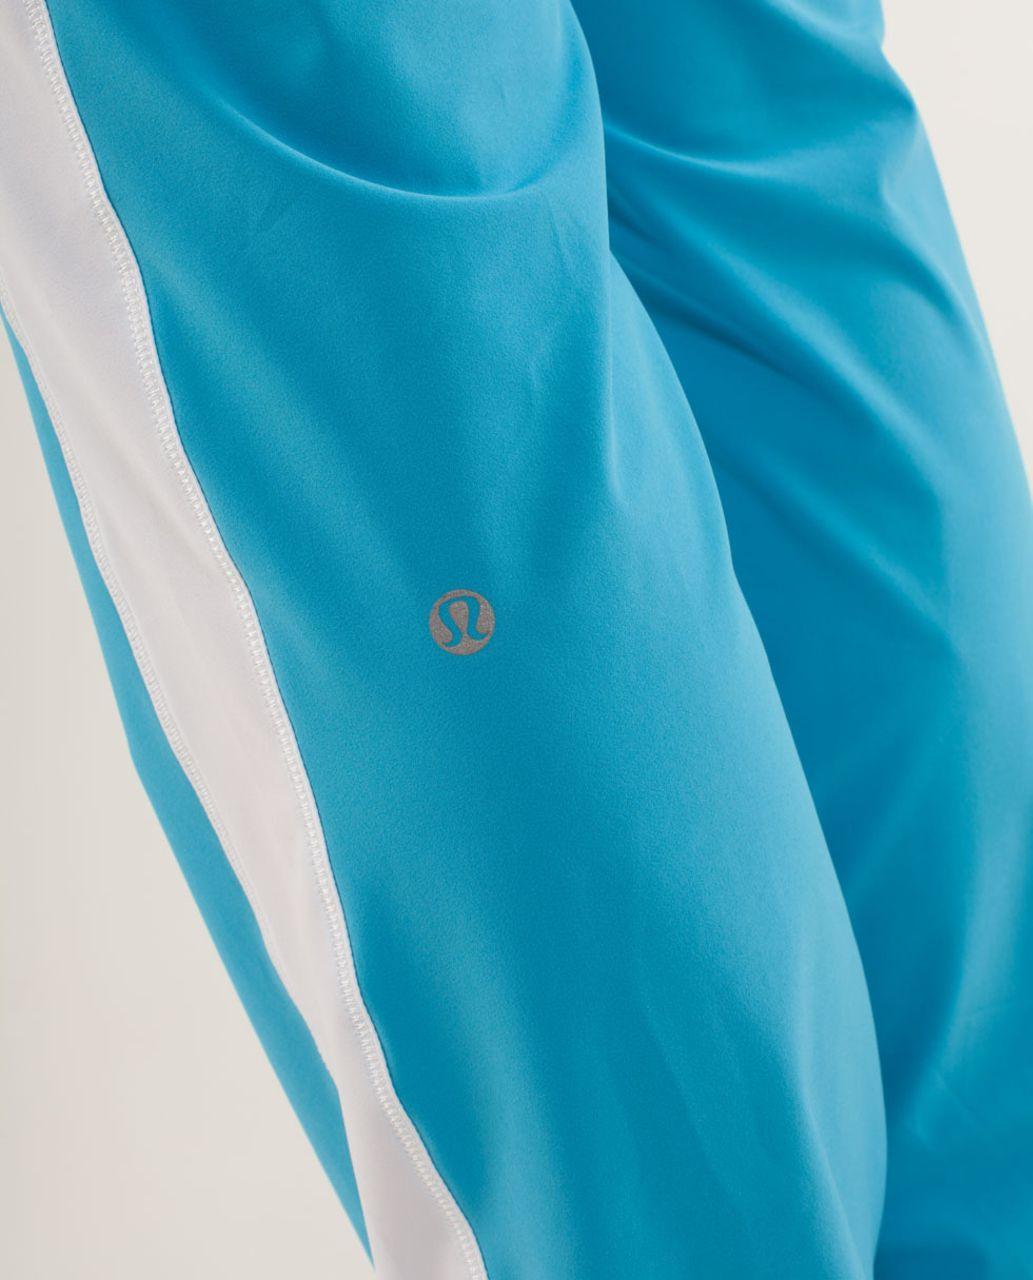 Lululemon Work It Out Track Pant - Kayak Blue / White / Aquamarine